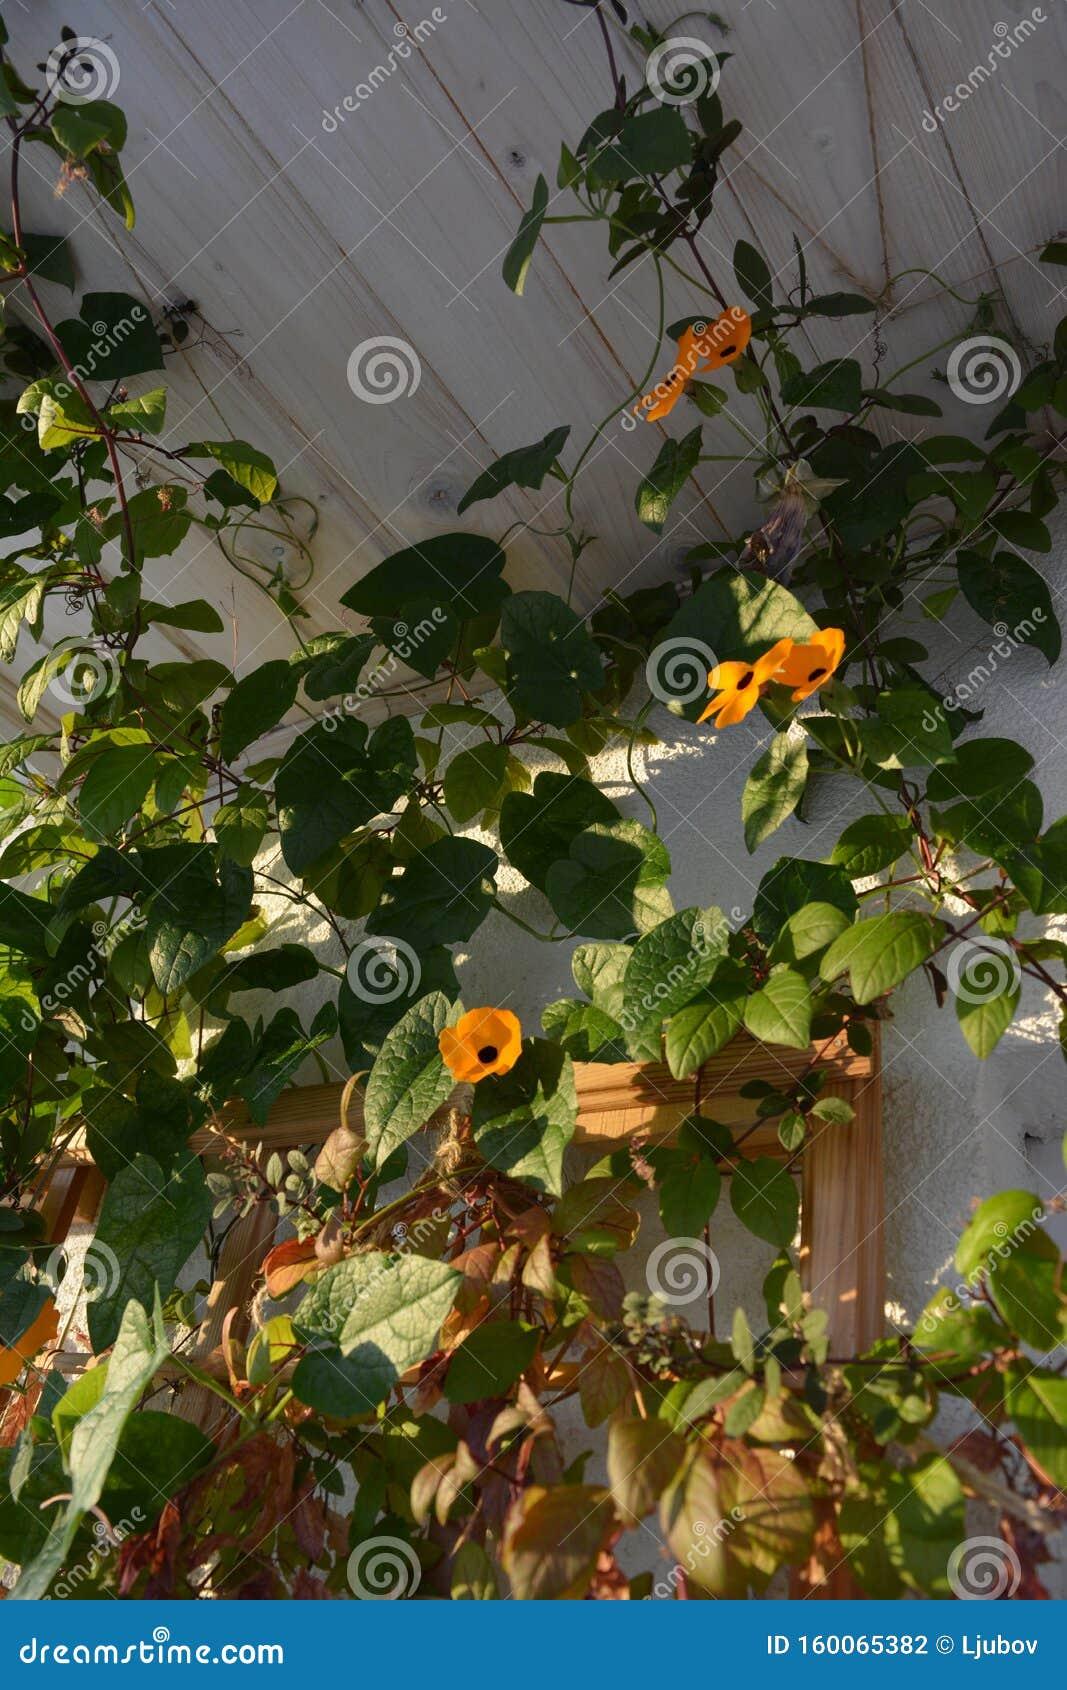 La Thunbergia Aux Fleurs Orangees Pousse Pres Du Mur Du Balcon Jardin Fleuri Avec Plantes Grimpantes Photo Stock Image Du Plantes Fleuri 160065382